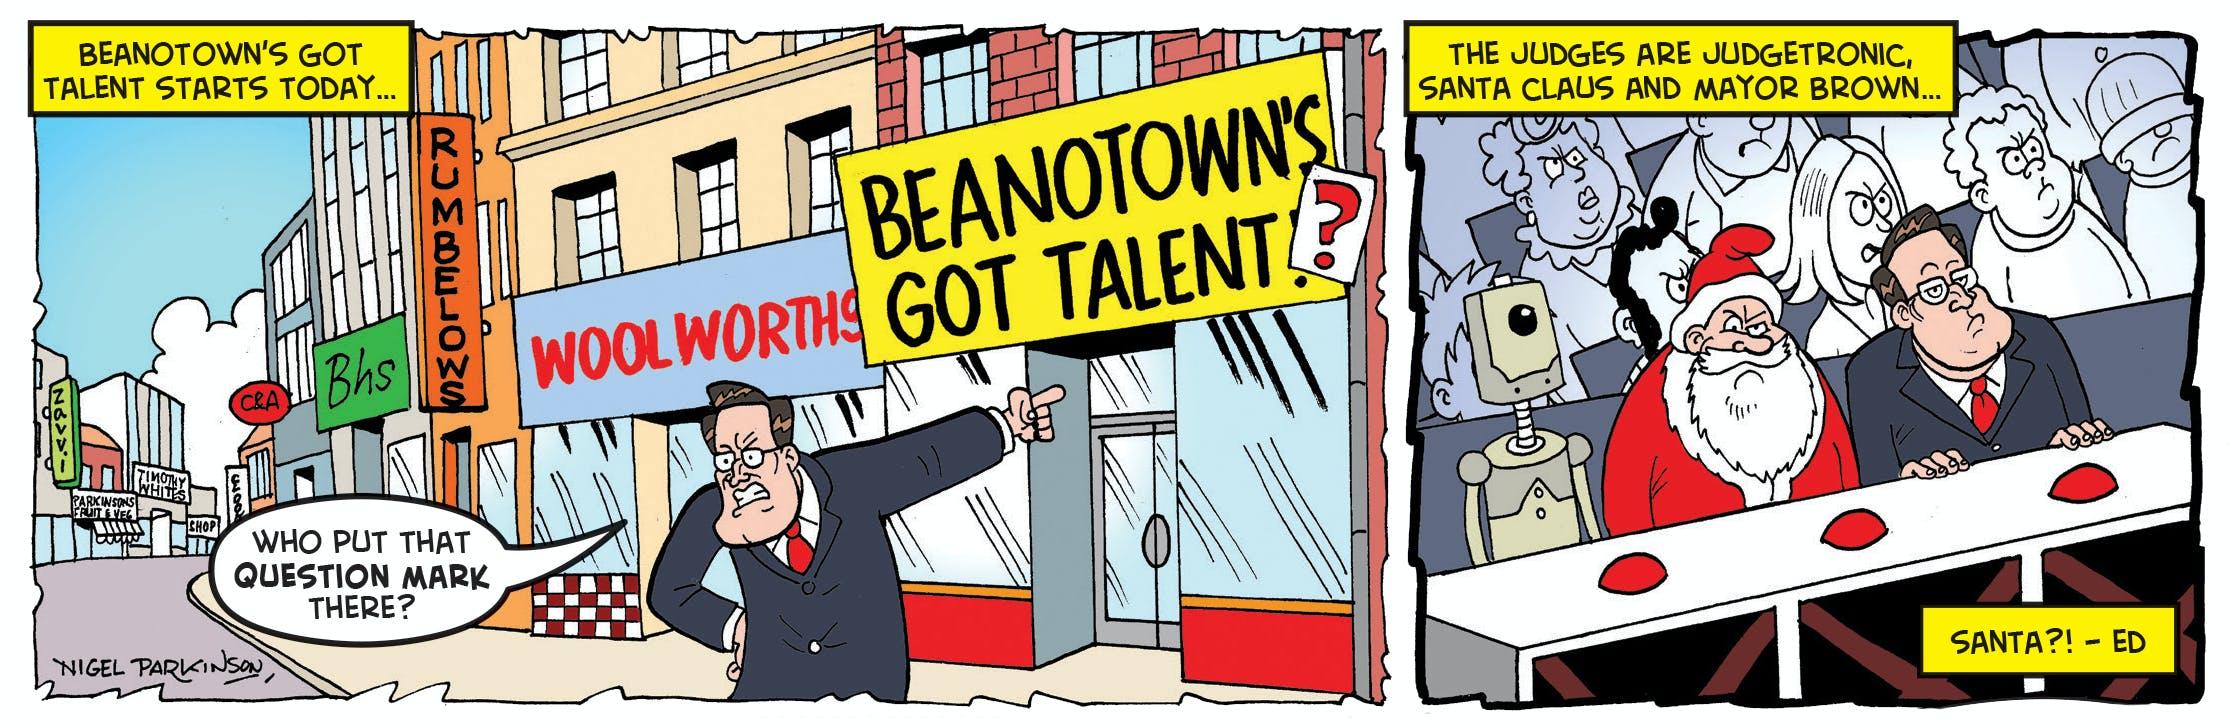 Beanotown's got talent